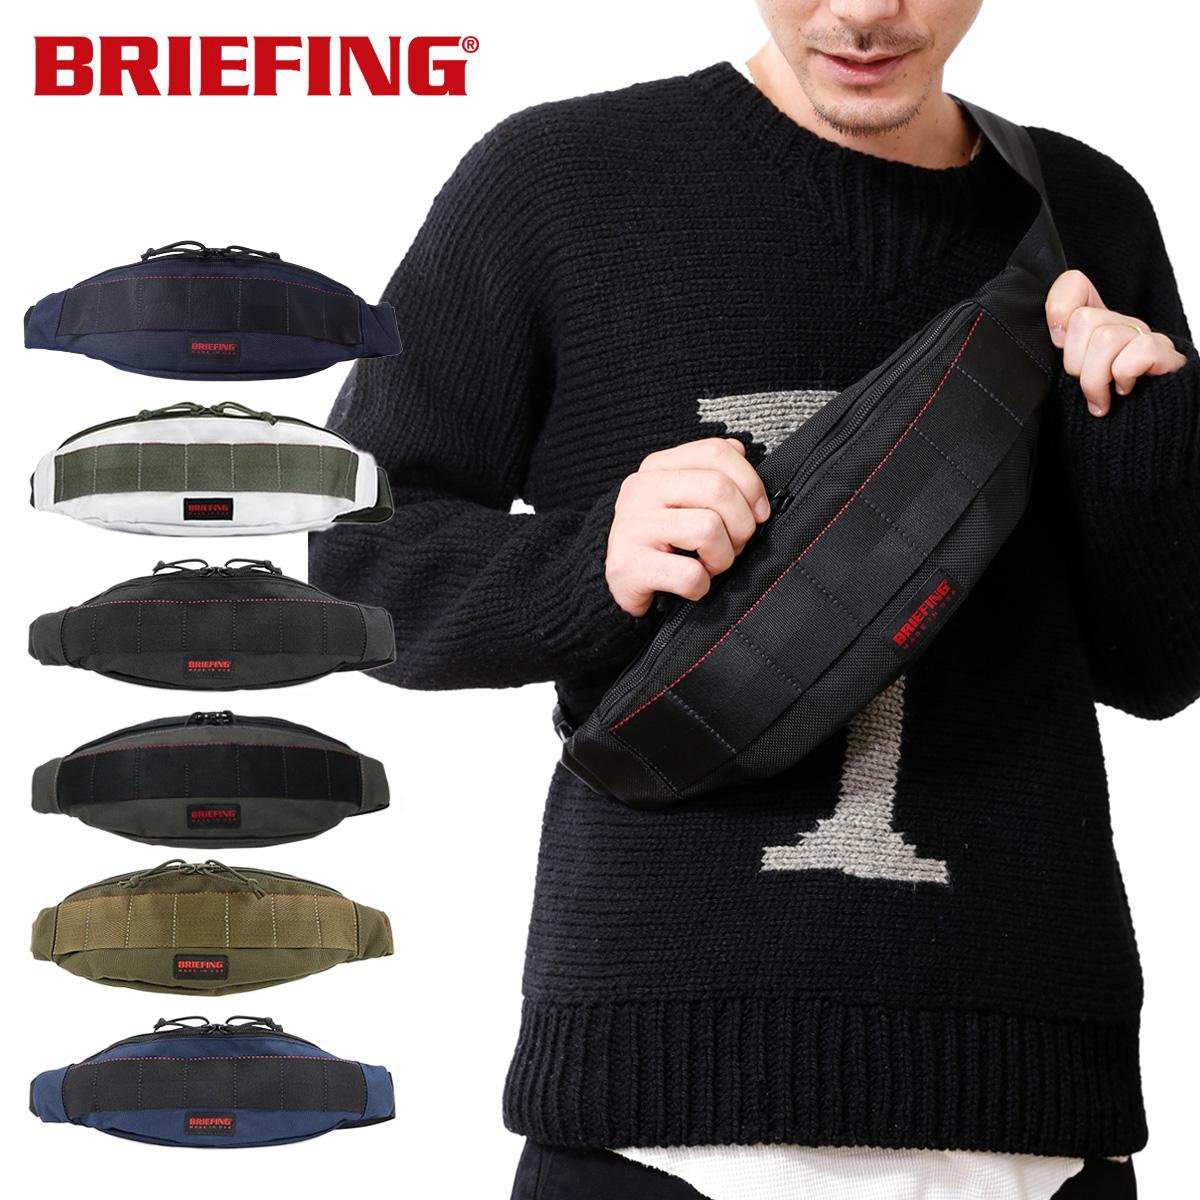 ブリーフィング ボディバッグ メンズ USA BRF071219 BRIEFING ウエストバッグ ワンショルダーバッグ バリスティックナイロン [PO10][bef][即日発送]